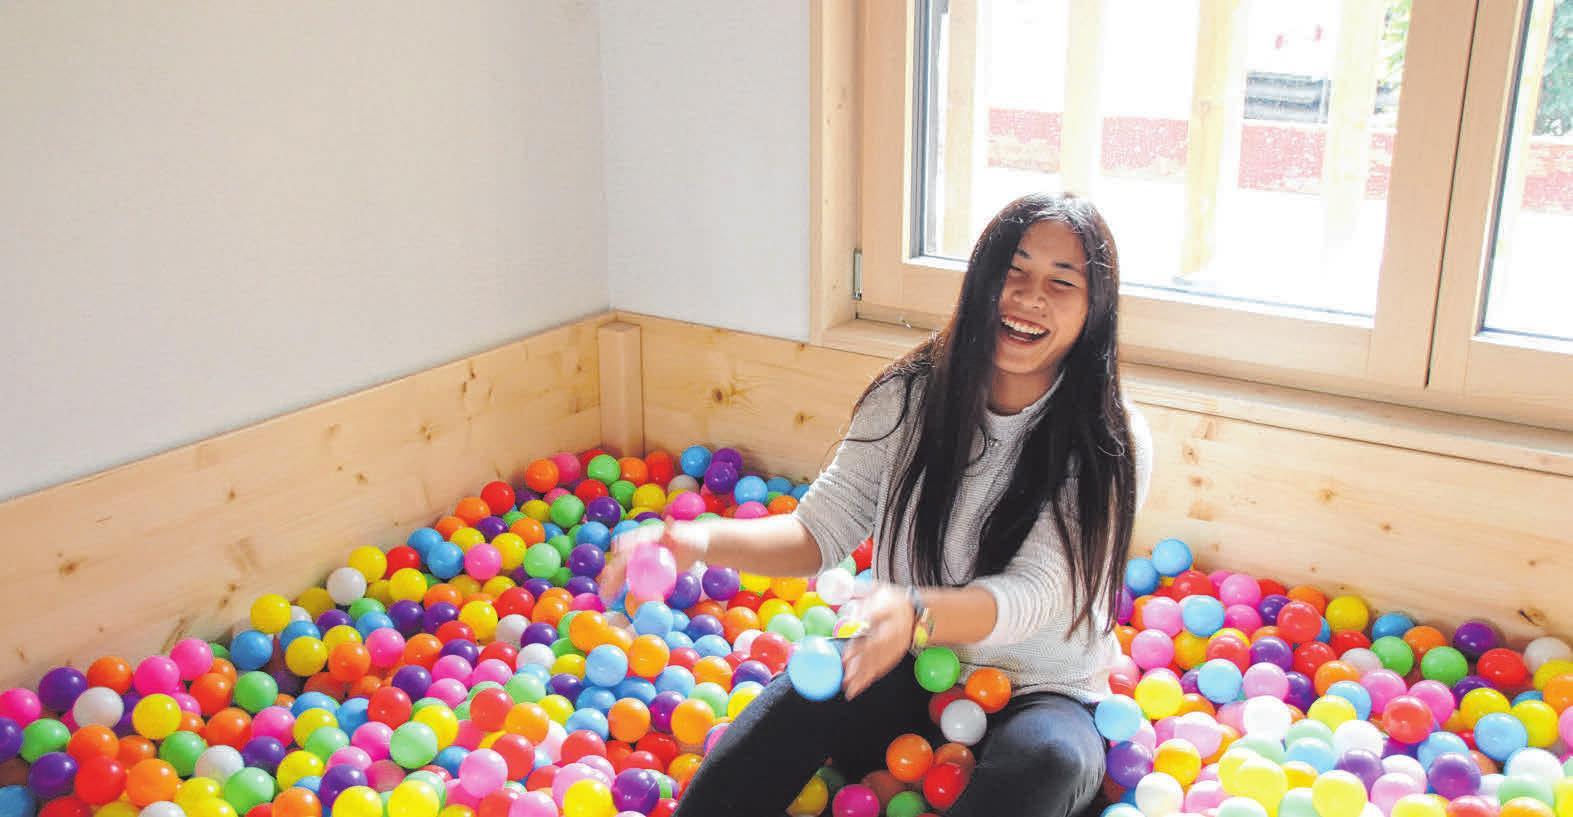 Die jungen Besucher können unter anderem im Bällebad ihren Spaß haben. FOTO: MF